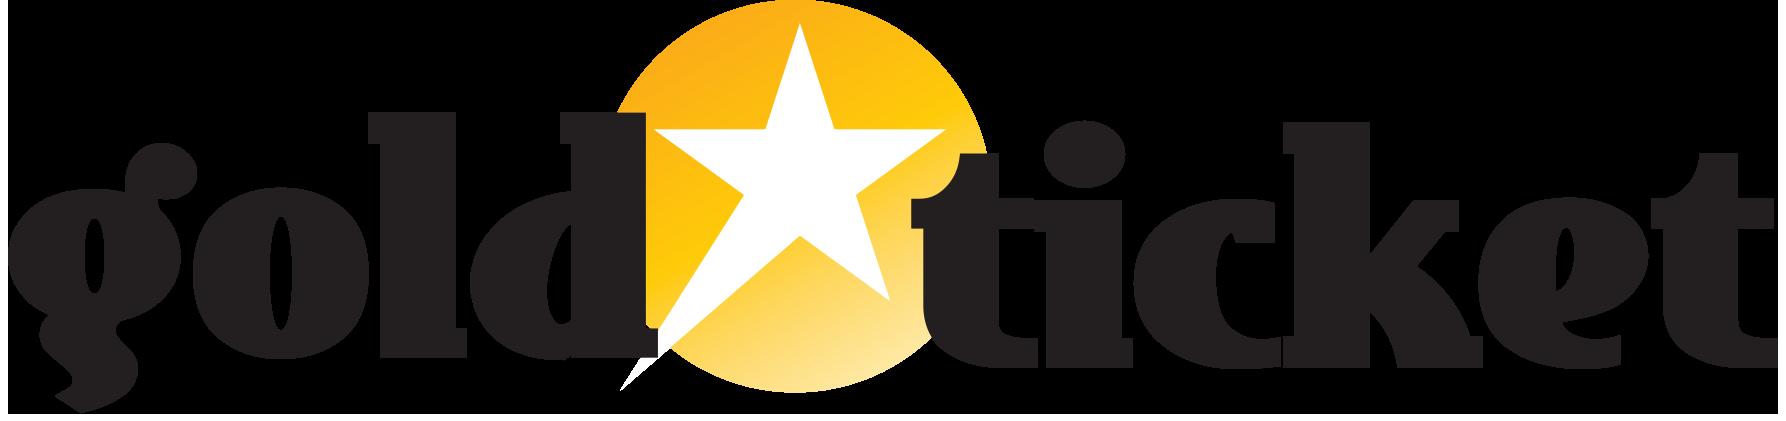 1786x421 Gold Star Ticket Resch Center